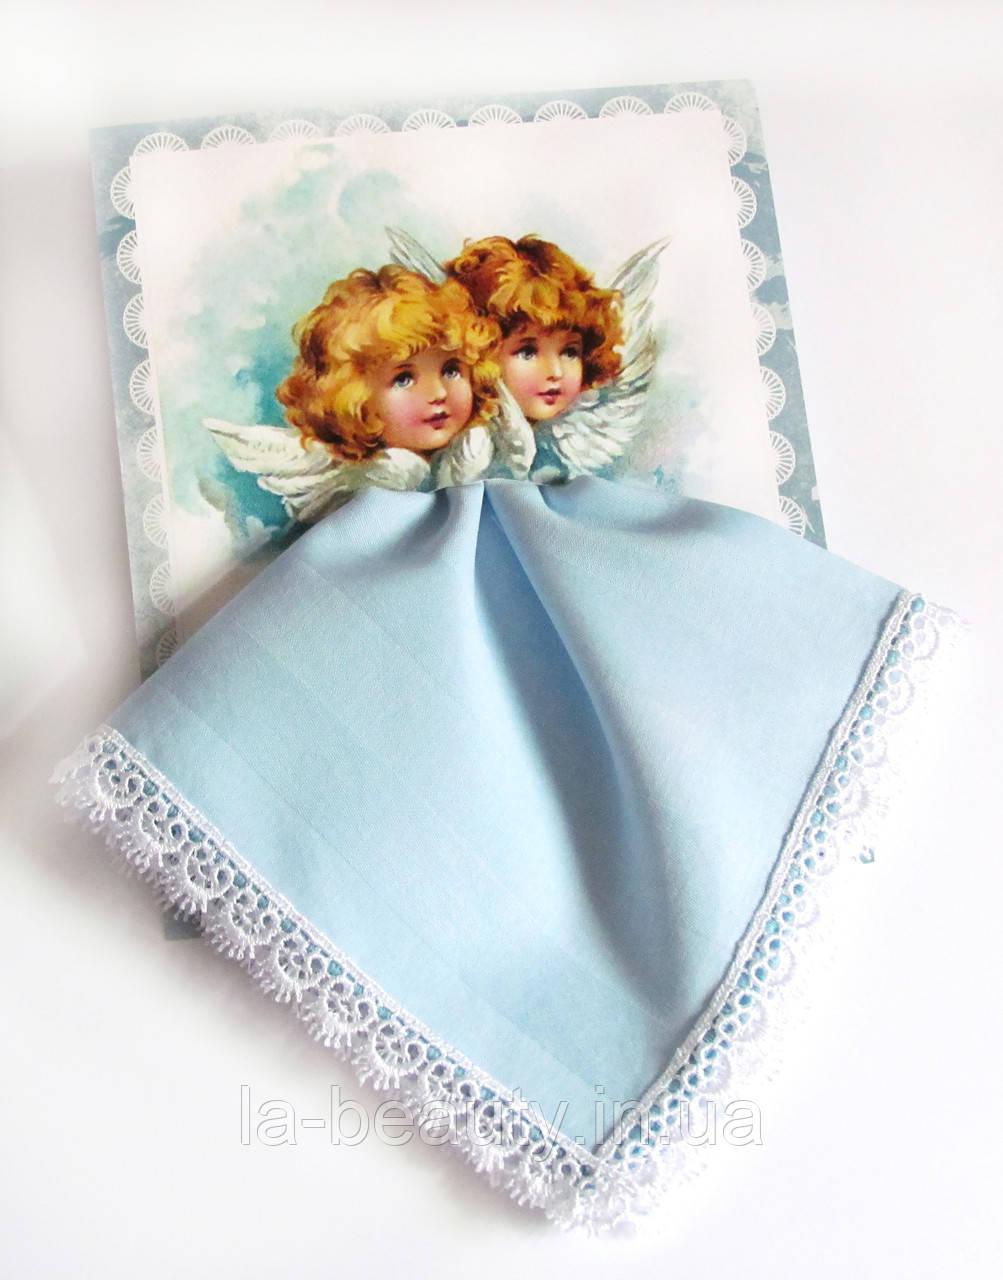 Женский подарочный носовой платок Ангелы голубой